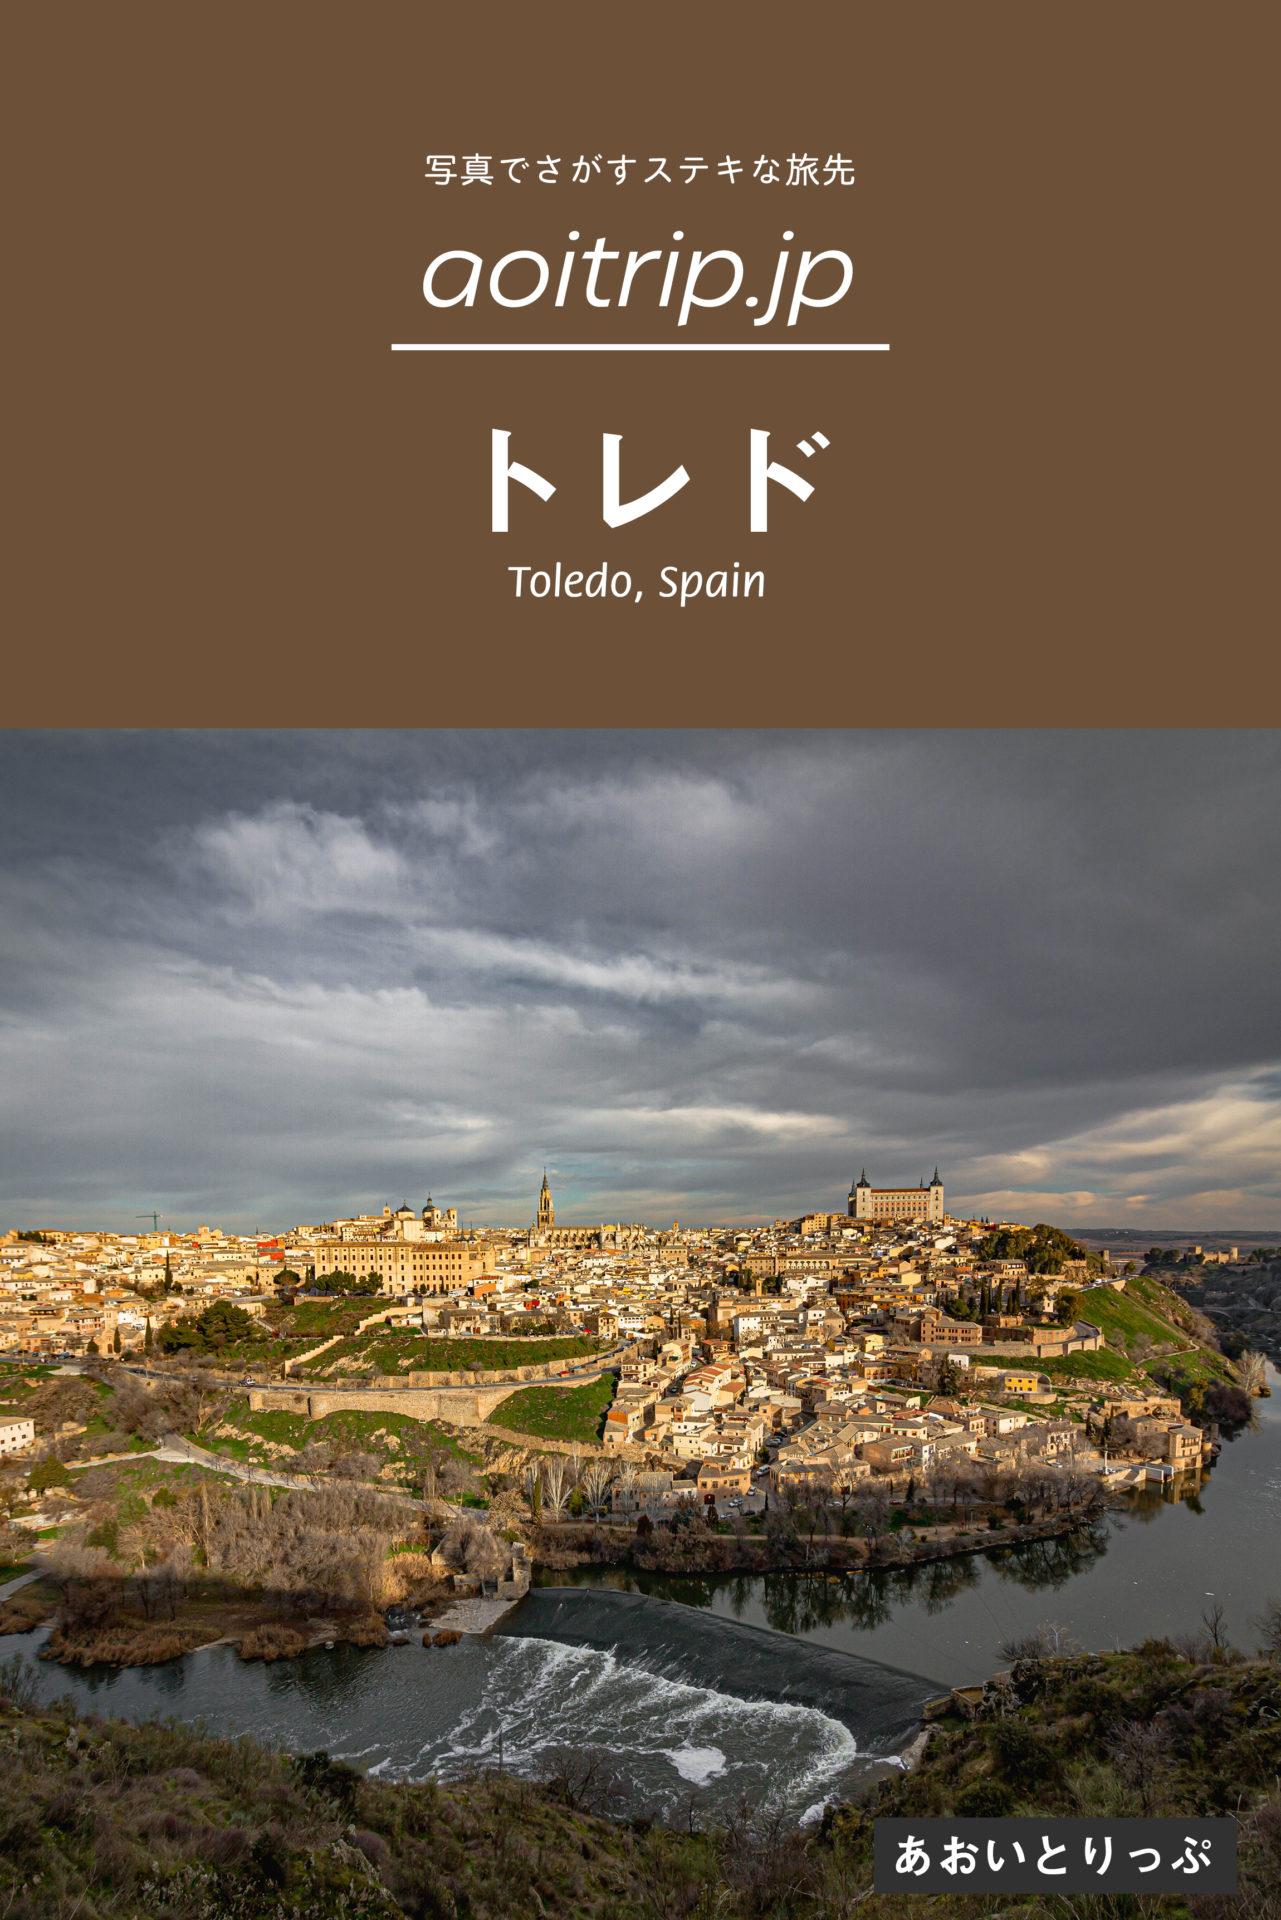 古都トレド観光の見どころ(スペイン Toledo)